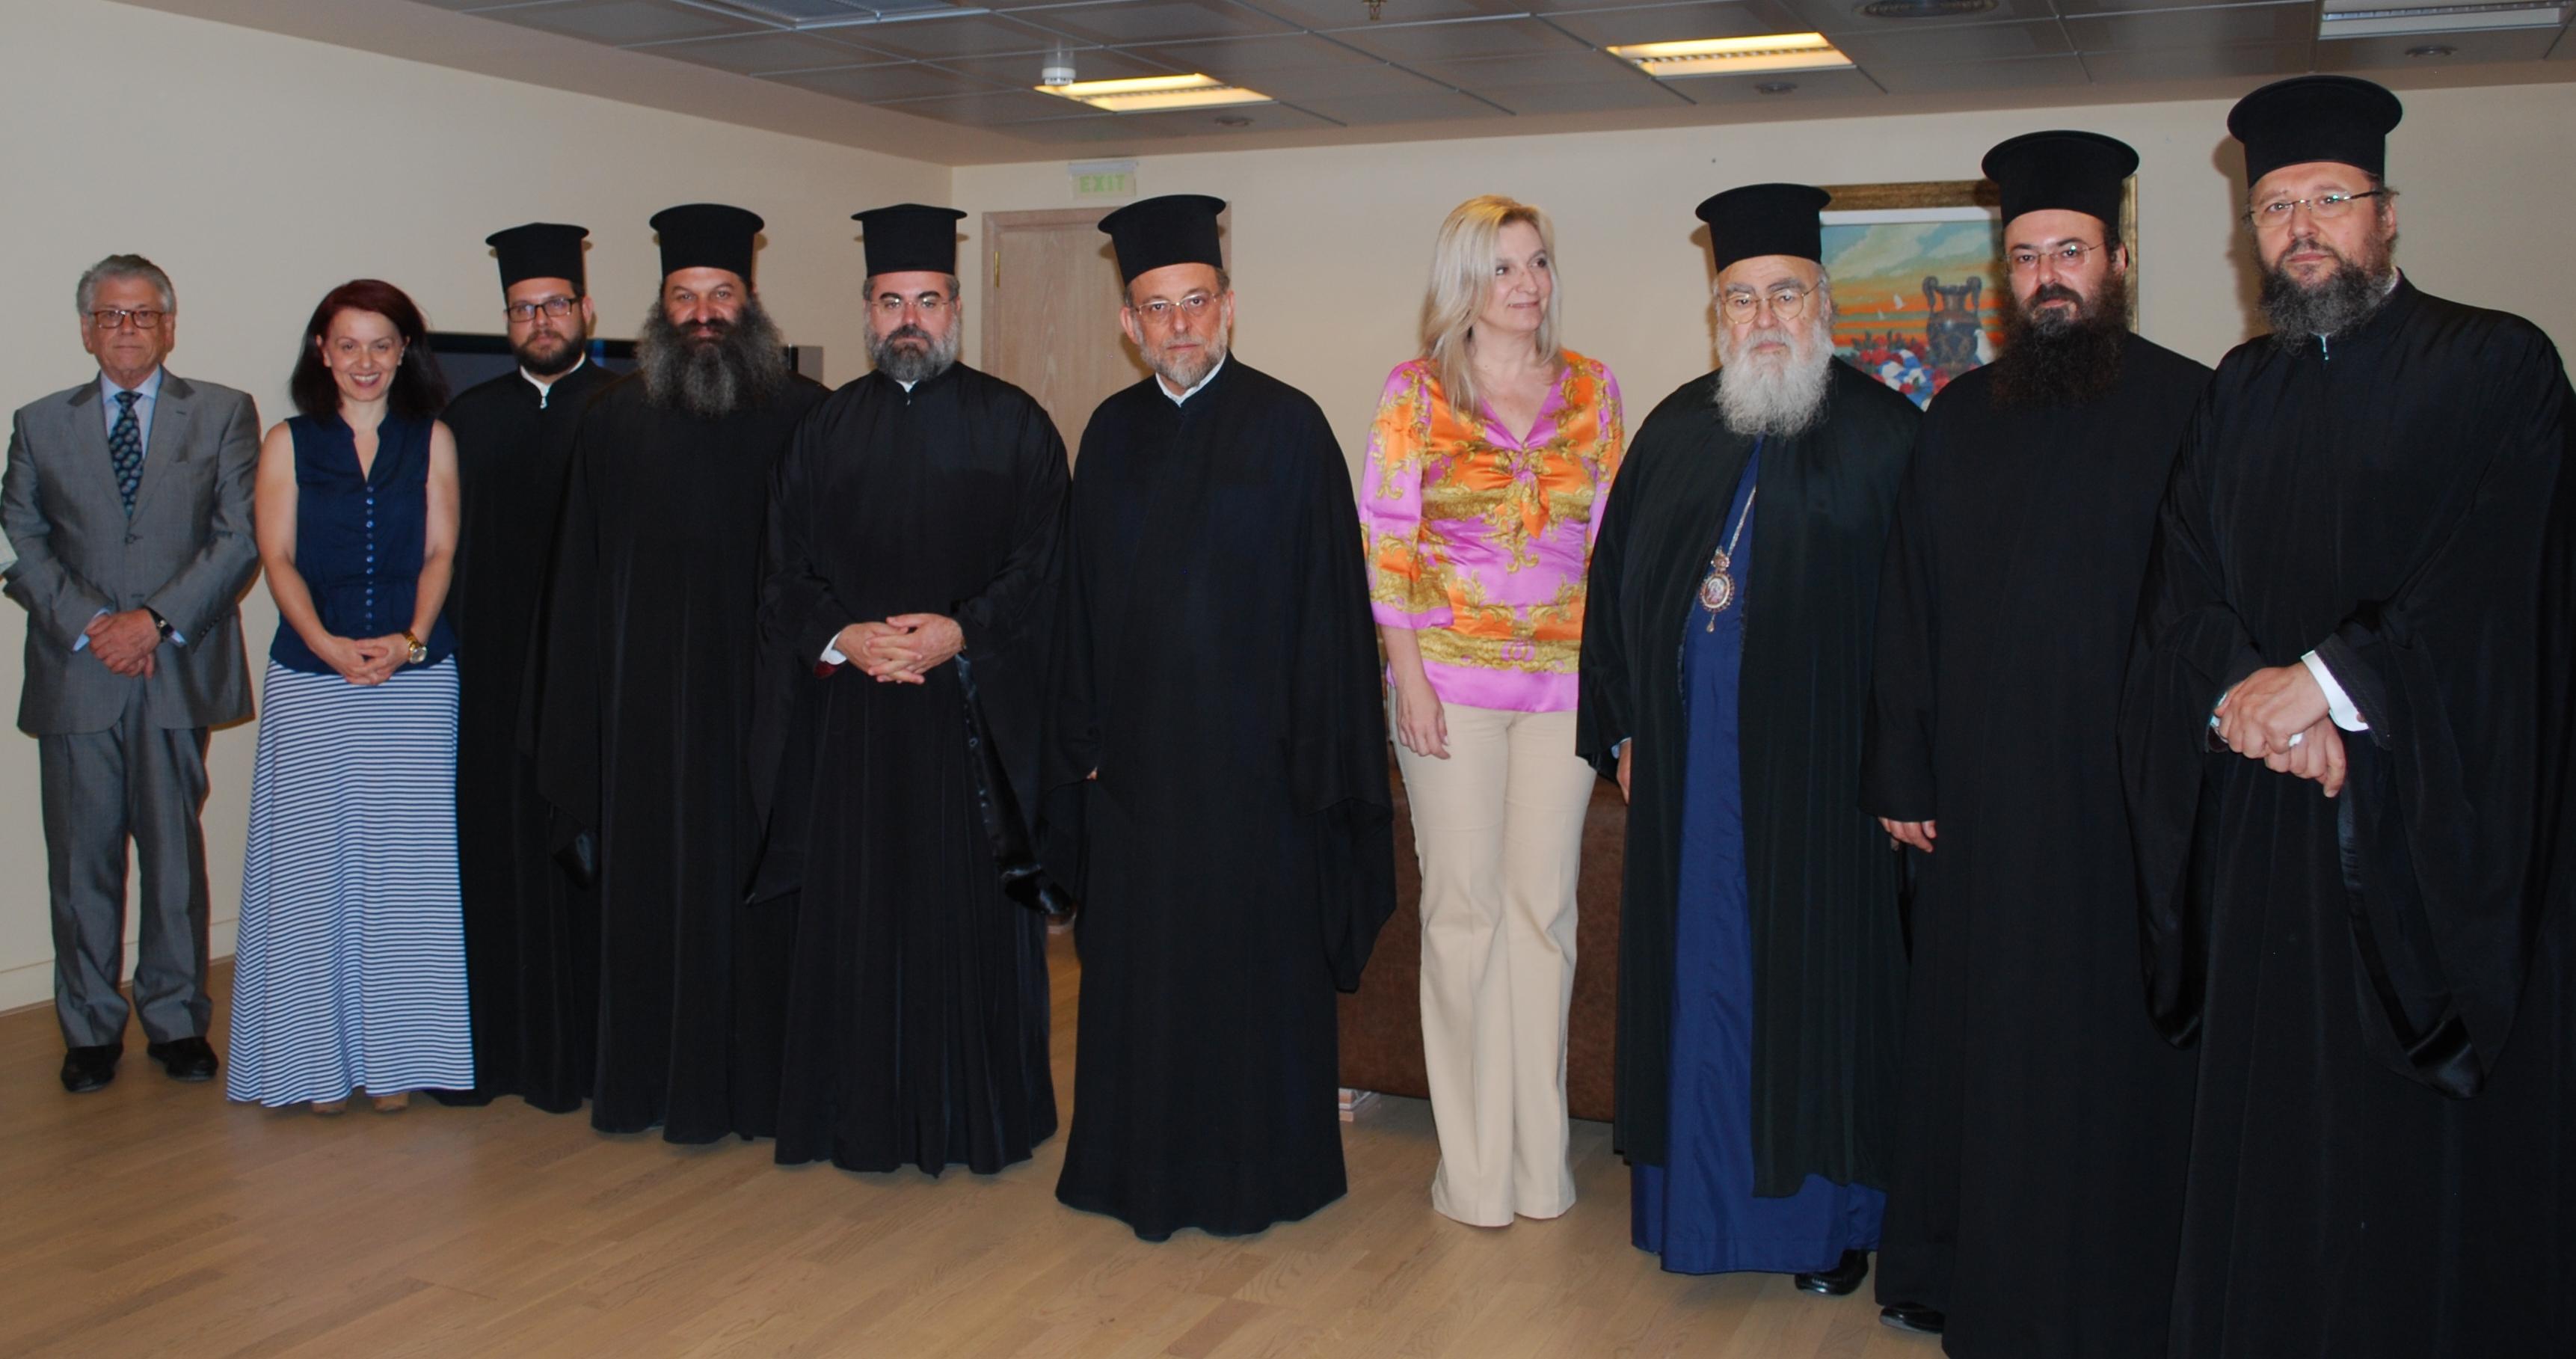 Μεικτή Συνεδρίαση Κοινής Επιτροπής της Εκκλησίας της Ελλάδος